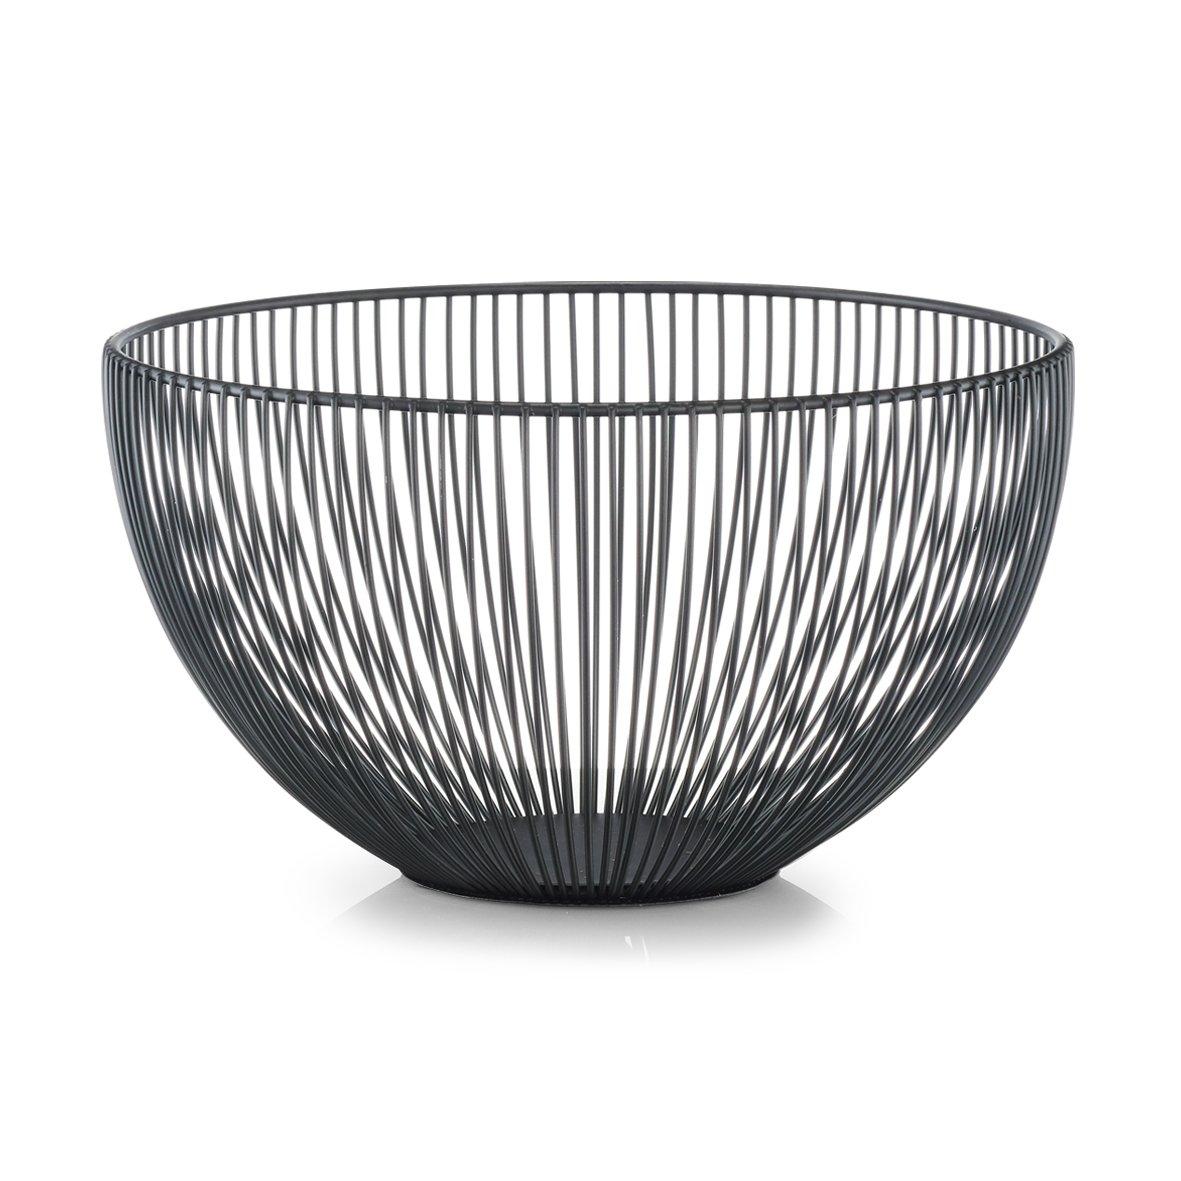 Nero Cestino portafrutta in metallo ca /Ø 25 x 14 cm